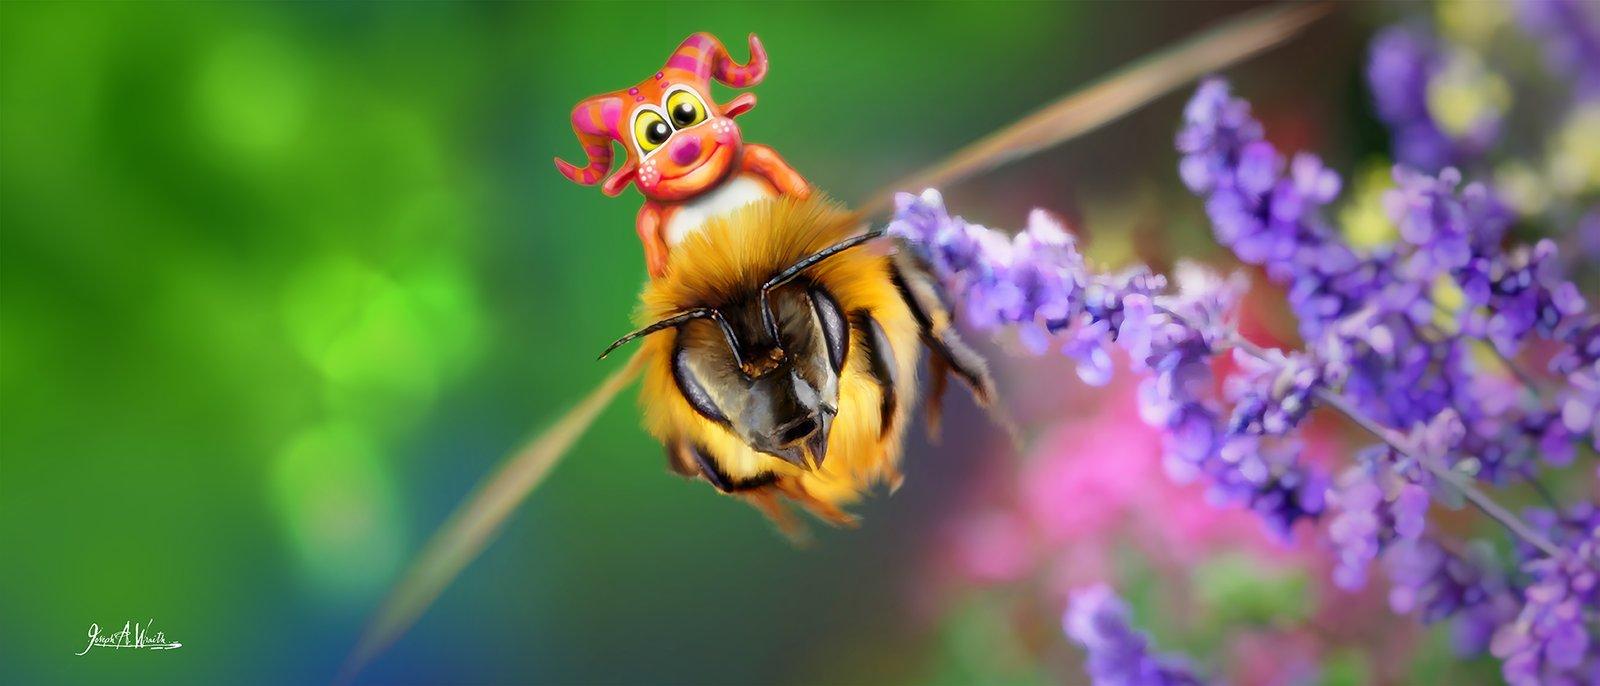 Telior Rides a Bee